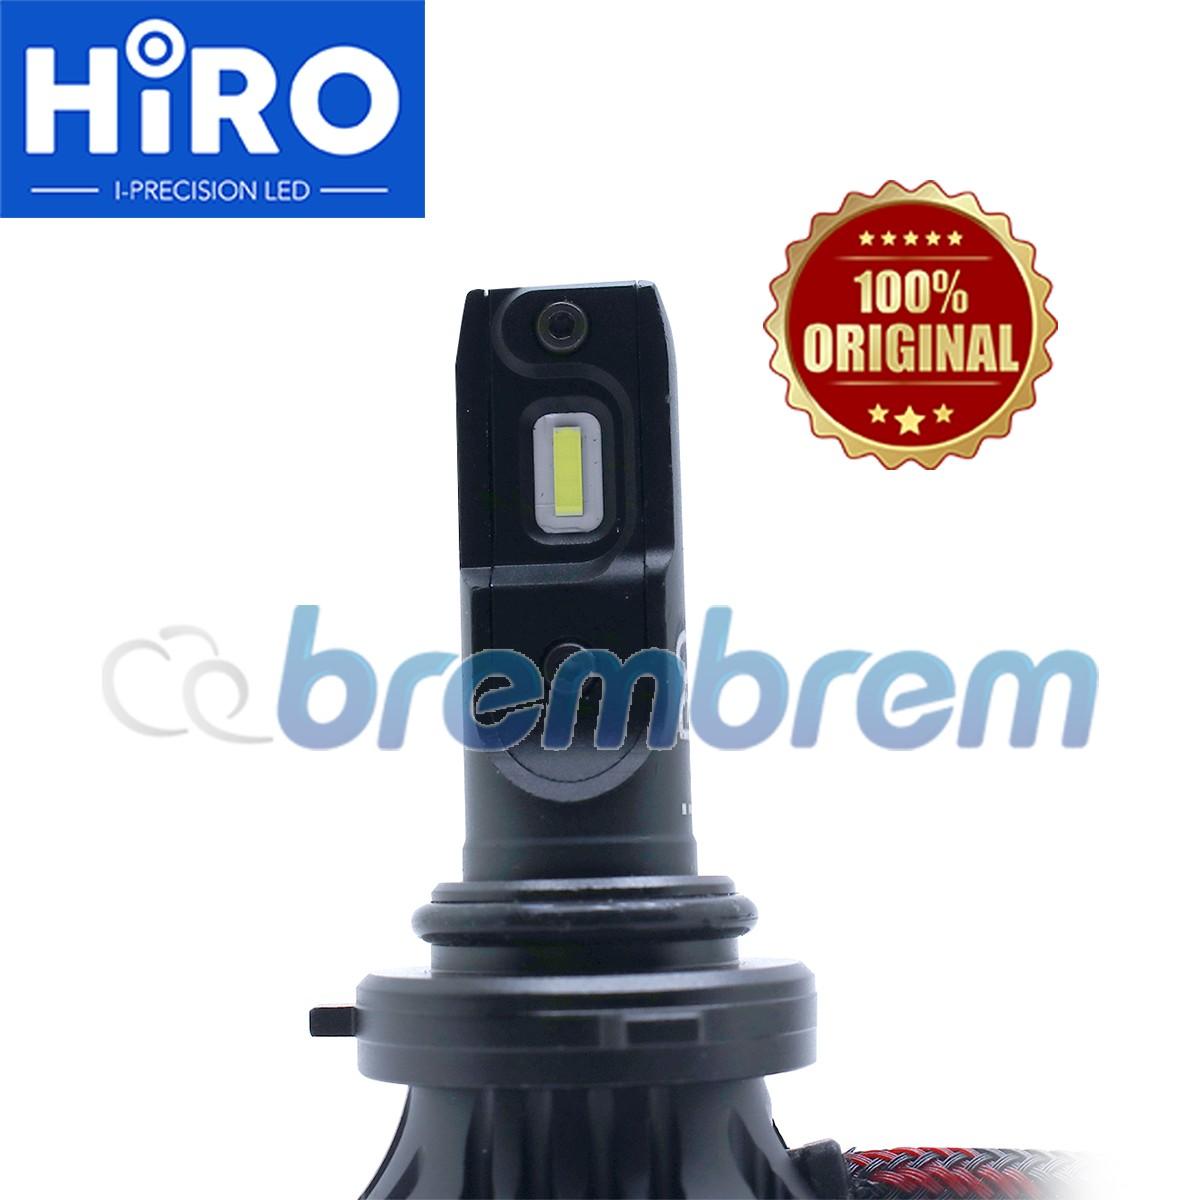 HIRO i-PRECISION HB4 (9006) - LAMPU LED MOBIL